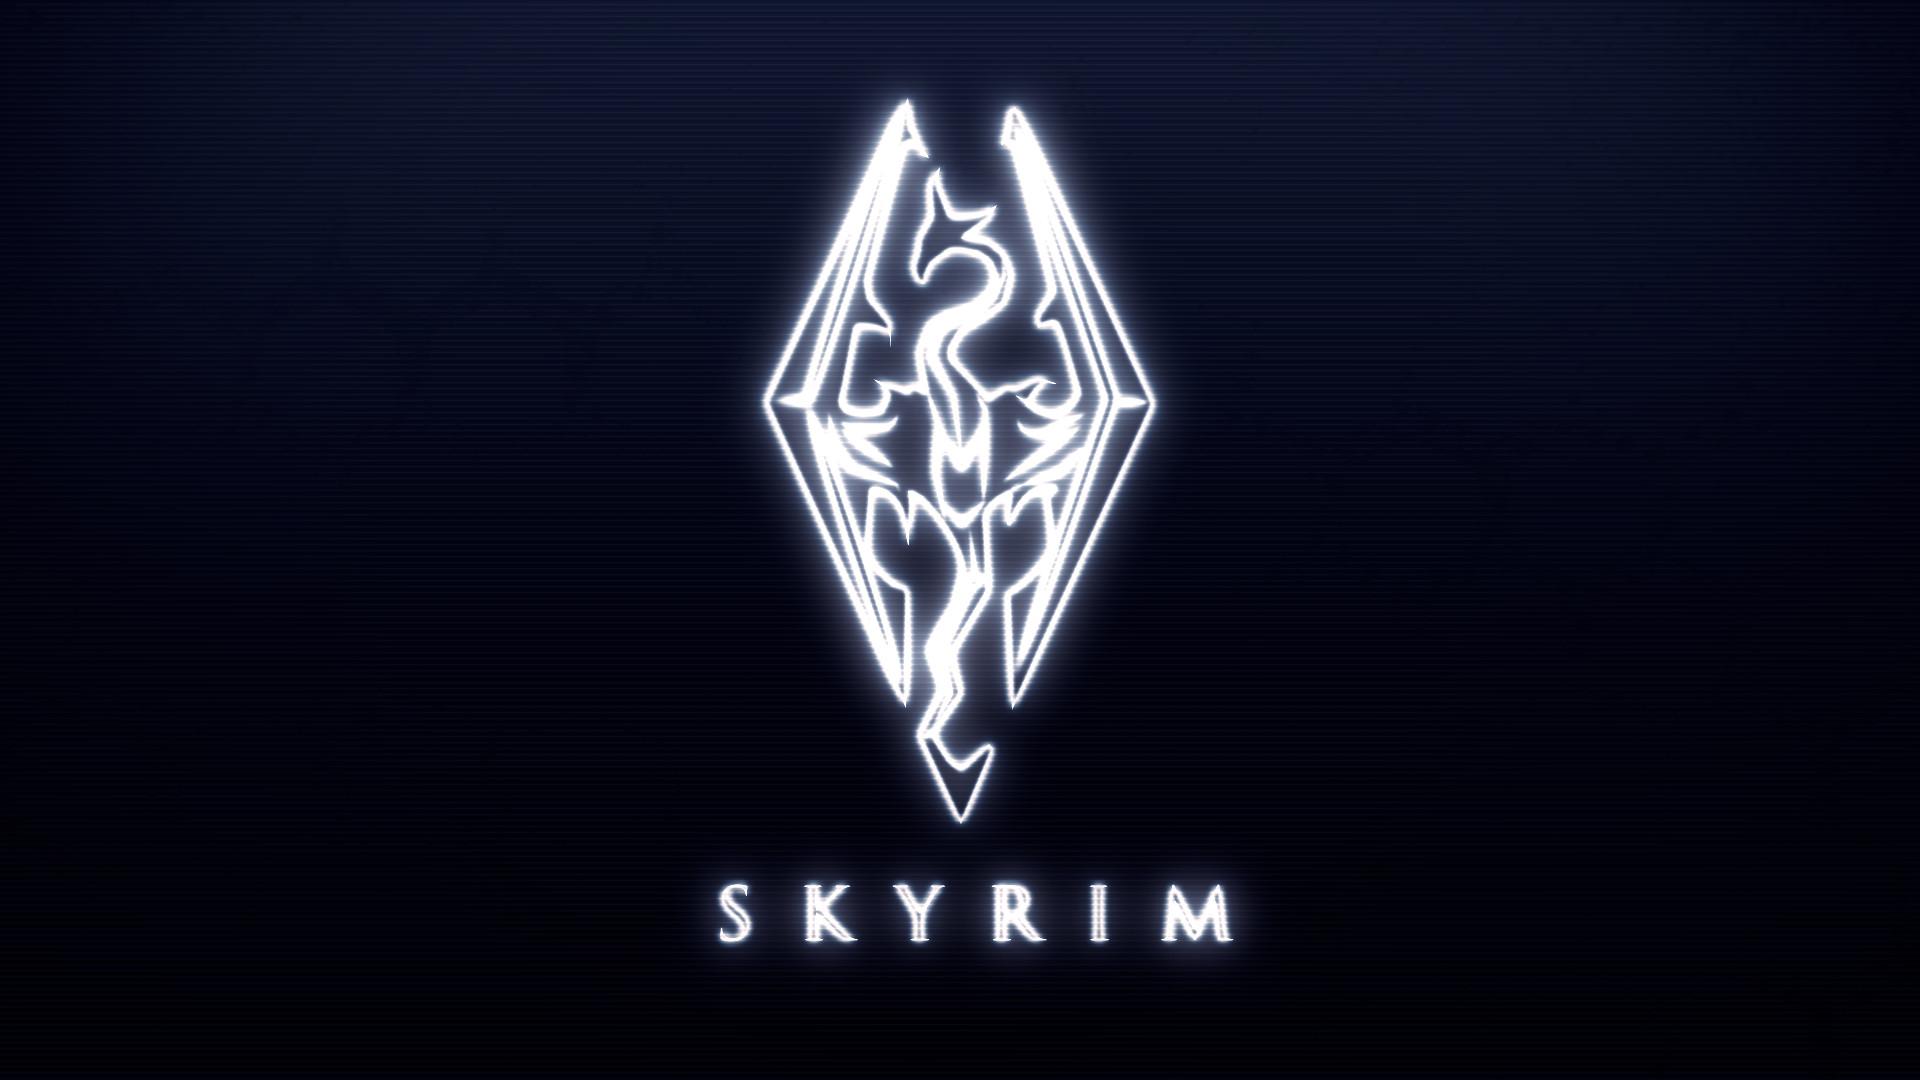 <b>Skyrim Logo Wallpaper</b> – phebus